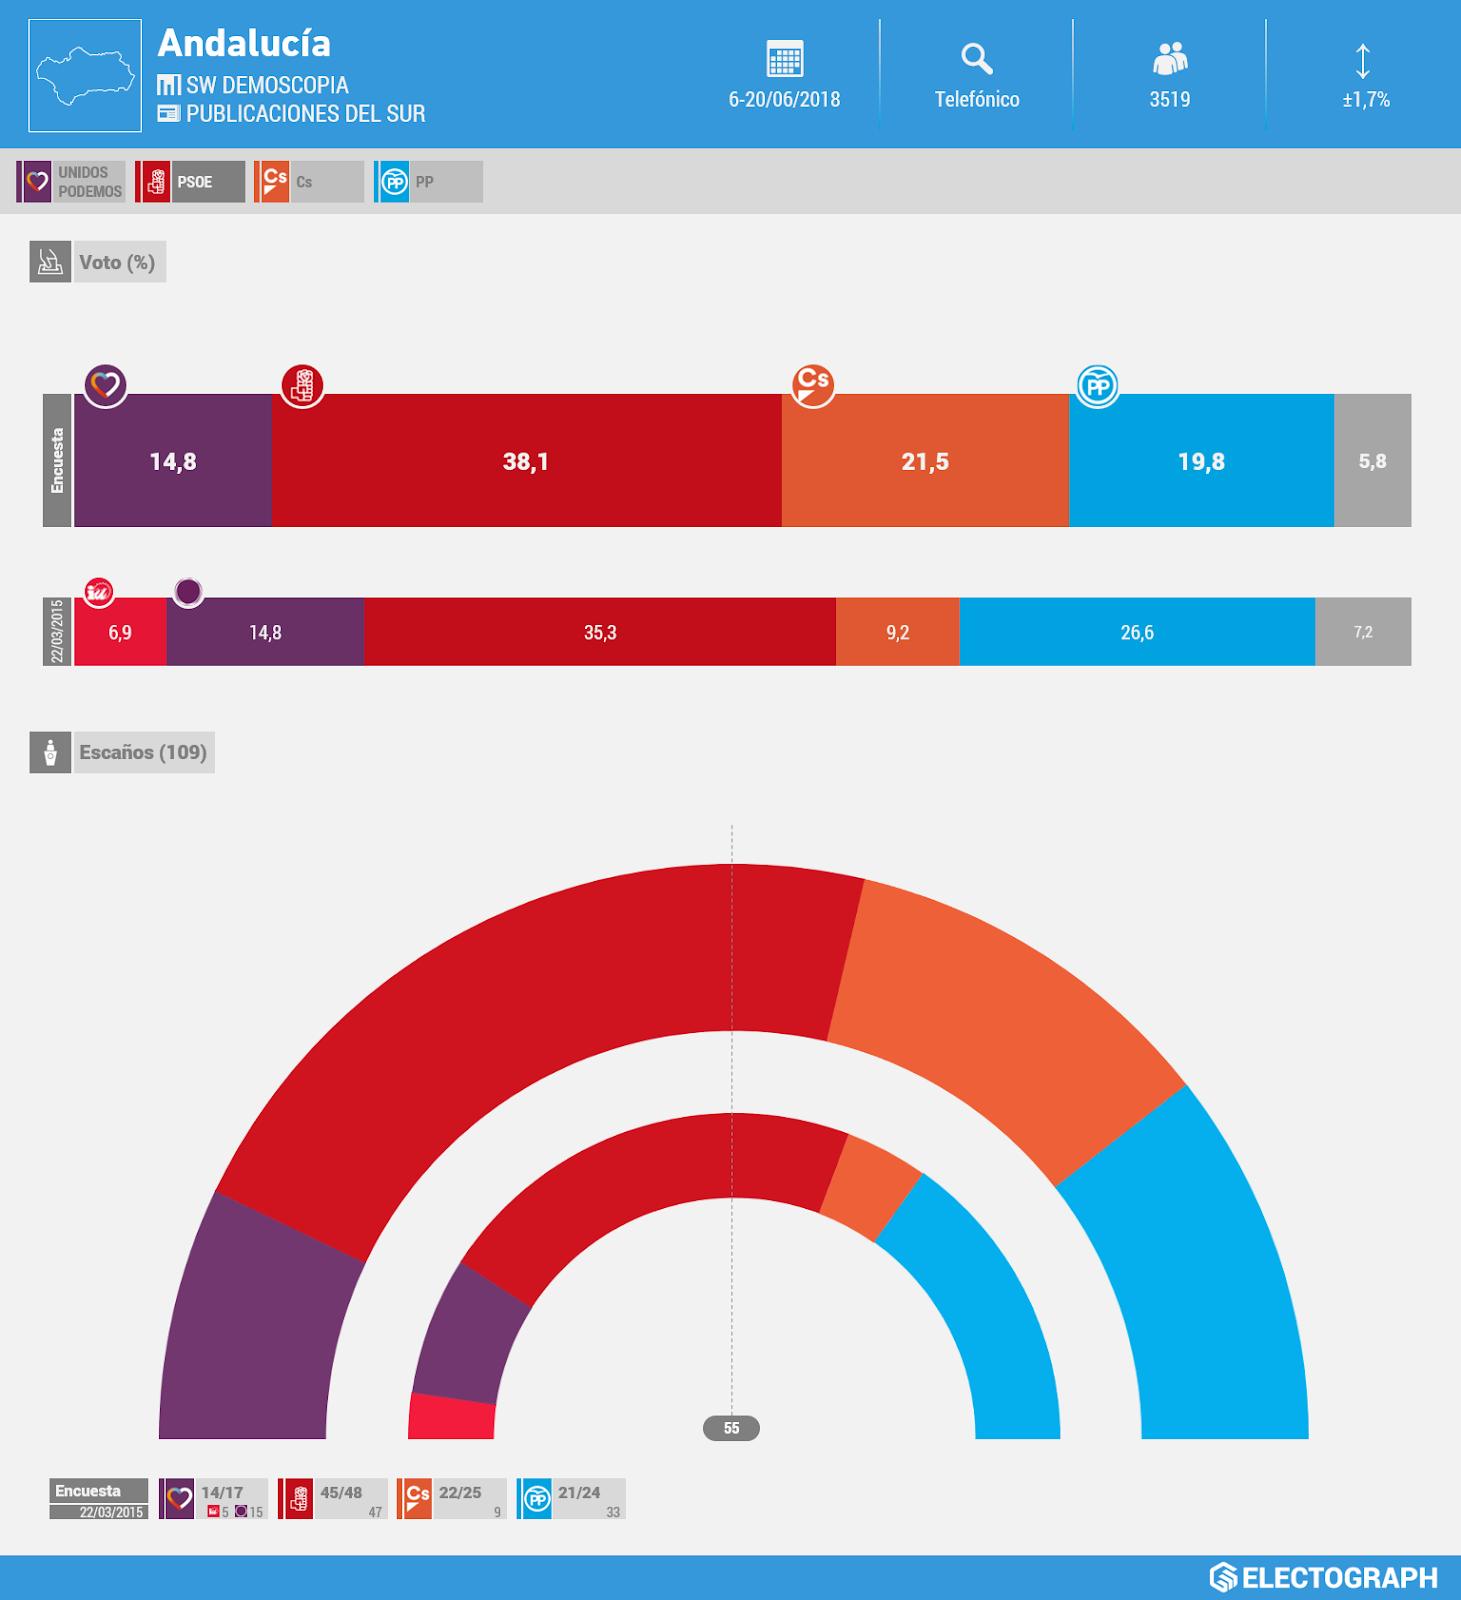 Gráfico de la encuesta para elecciones autonómicas en Andalucía realizada por SW Demoscopia para Publicaciones del Sur en junio de 2018